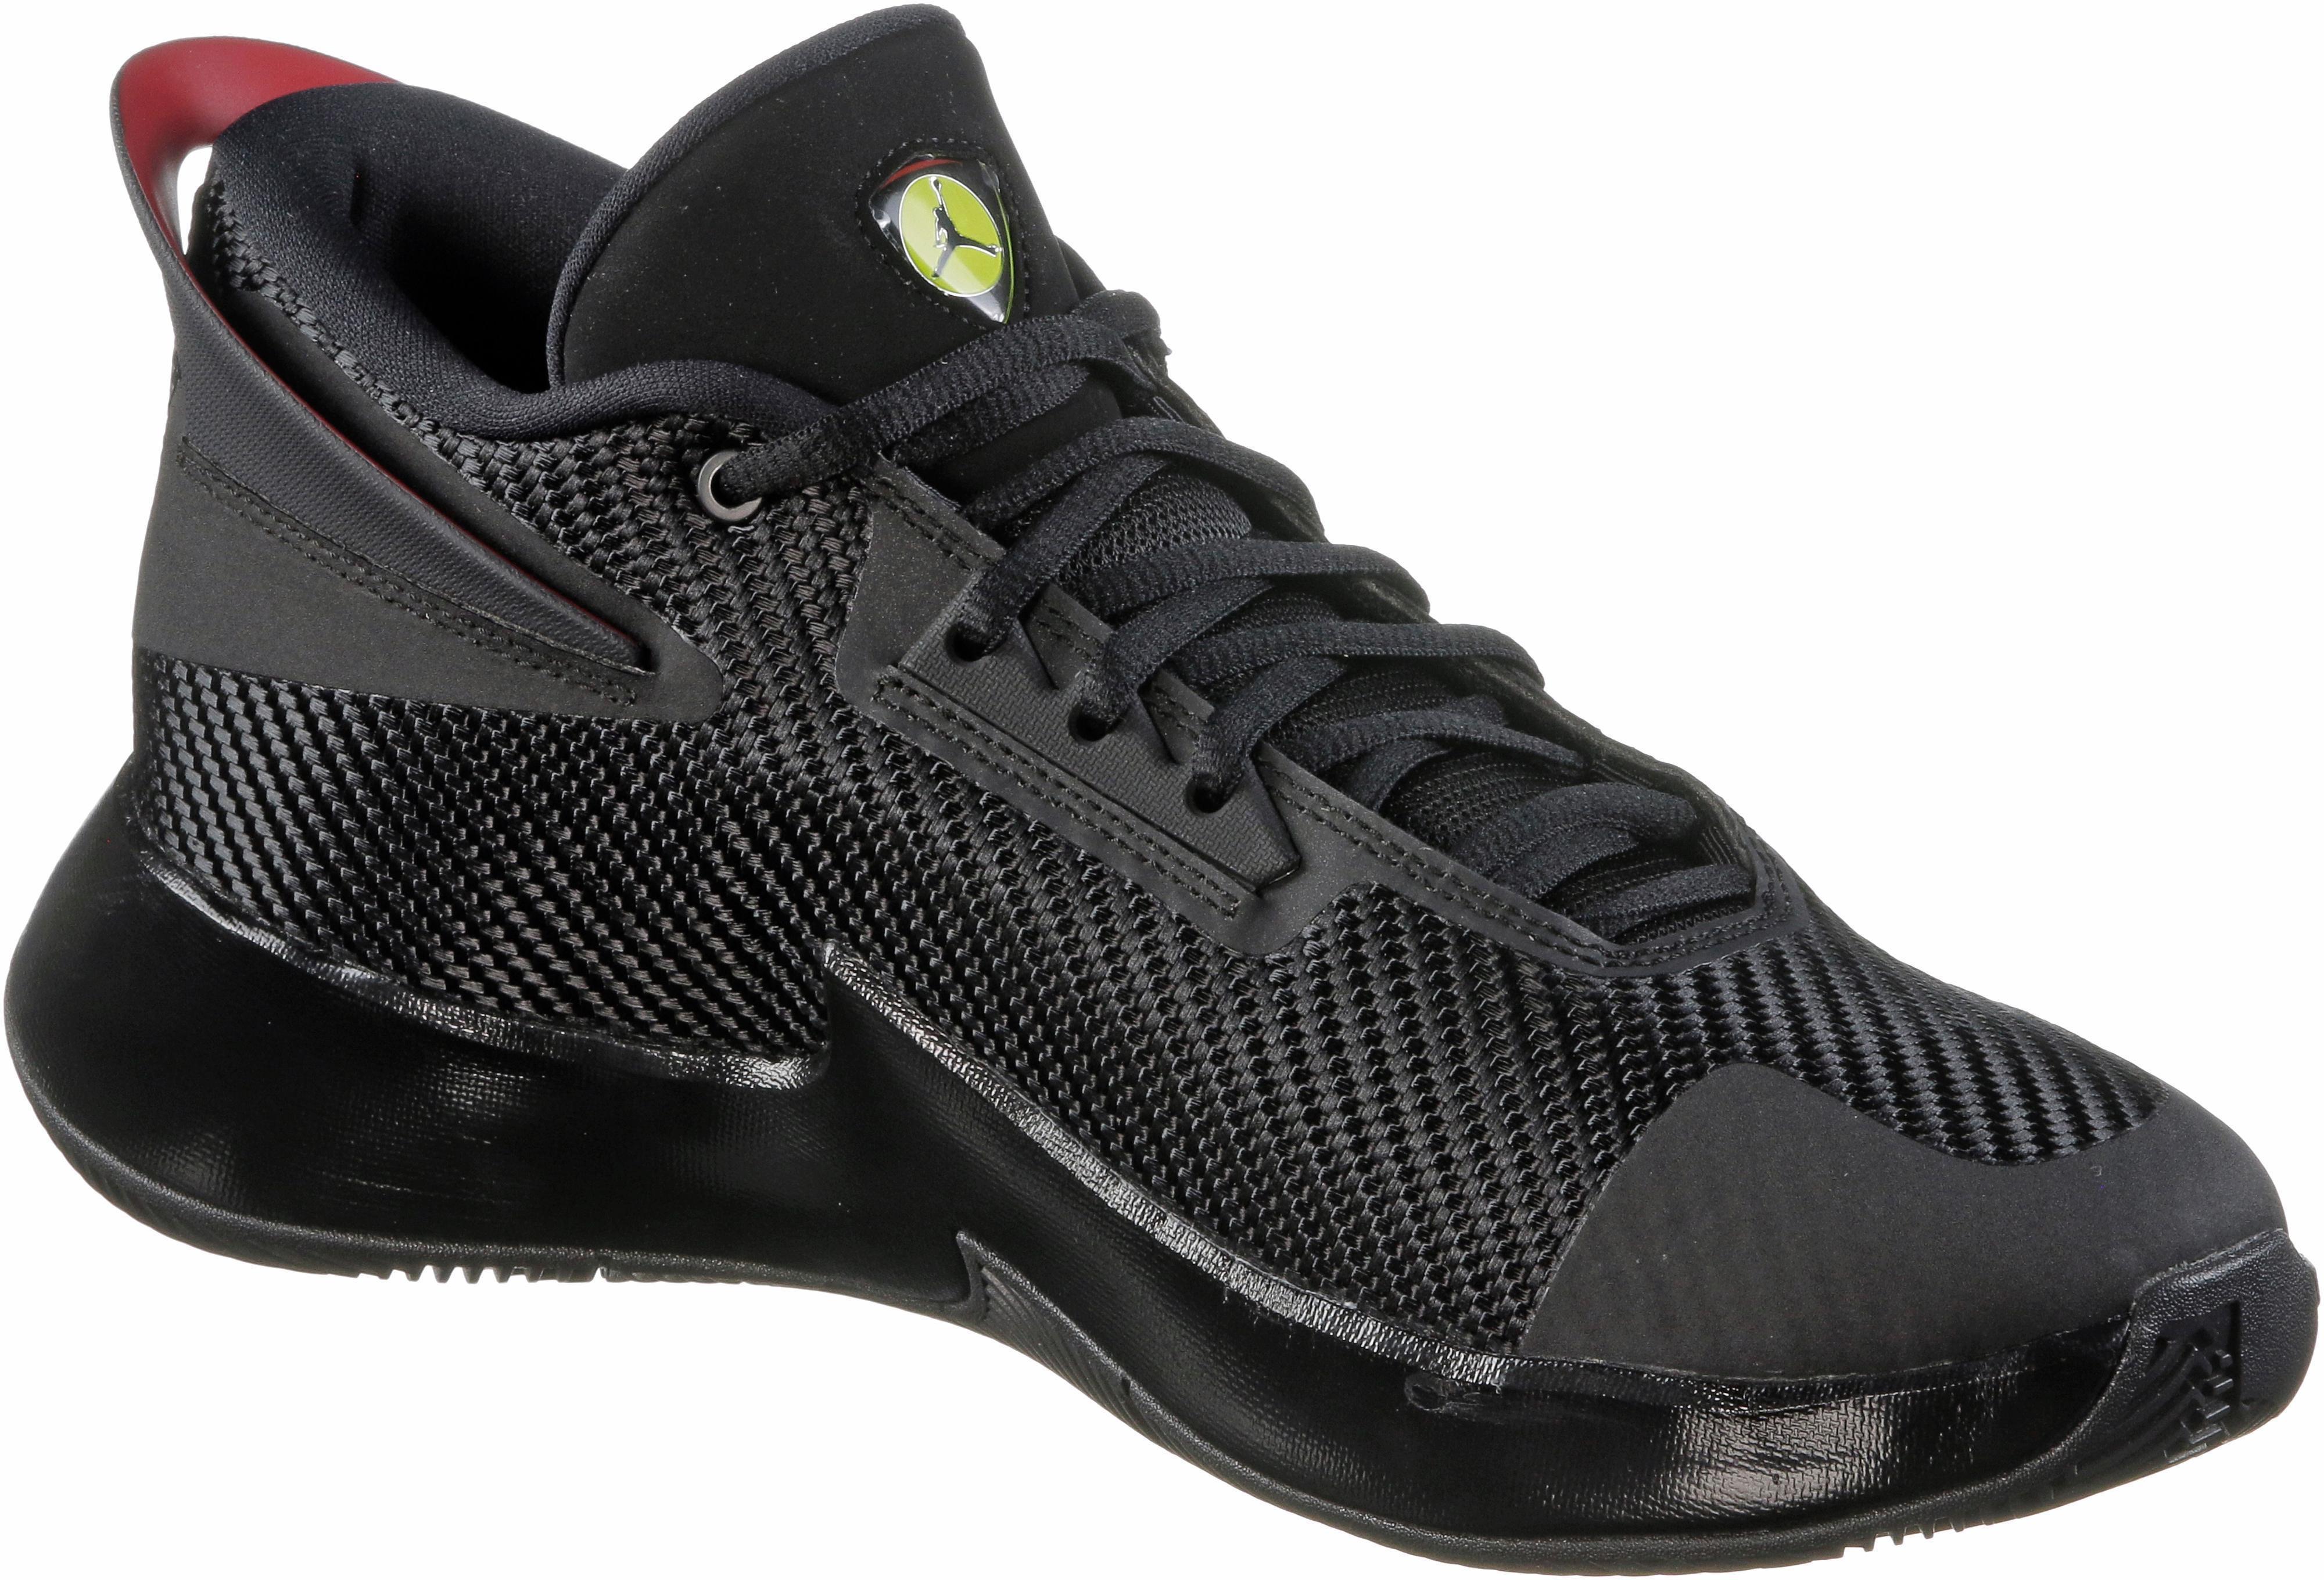 new style cd111 4fee5 Nike JORDAN FLY LOCKDOWN Basketballschuhe Herren black-varsity red im  Online Shop von SportScheck kaufen